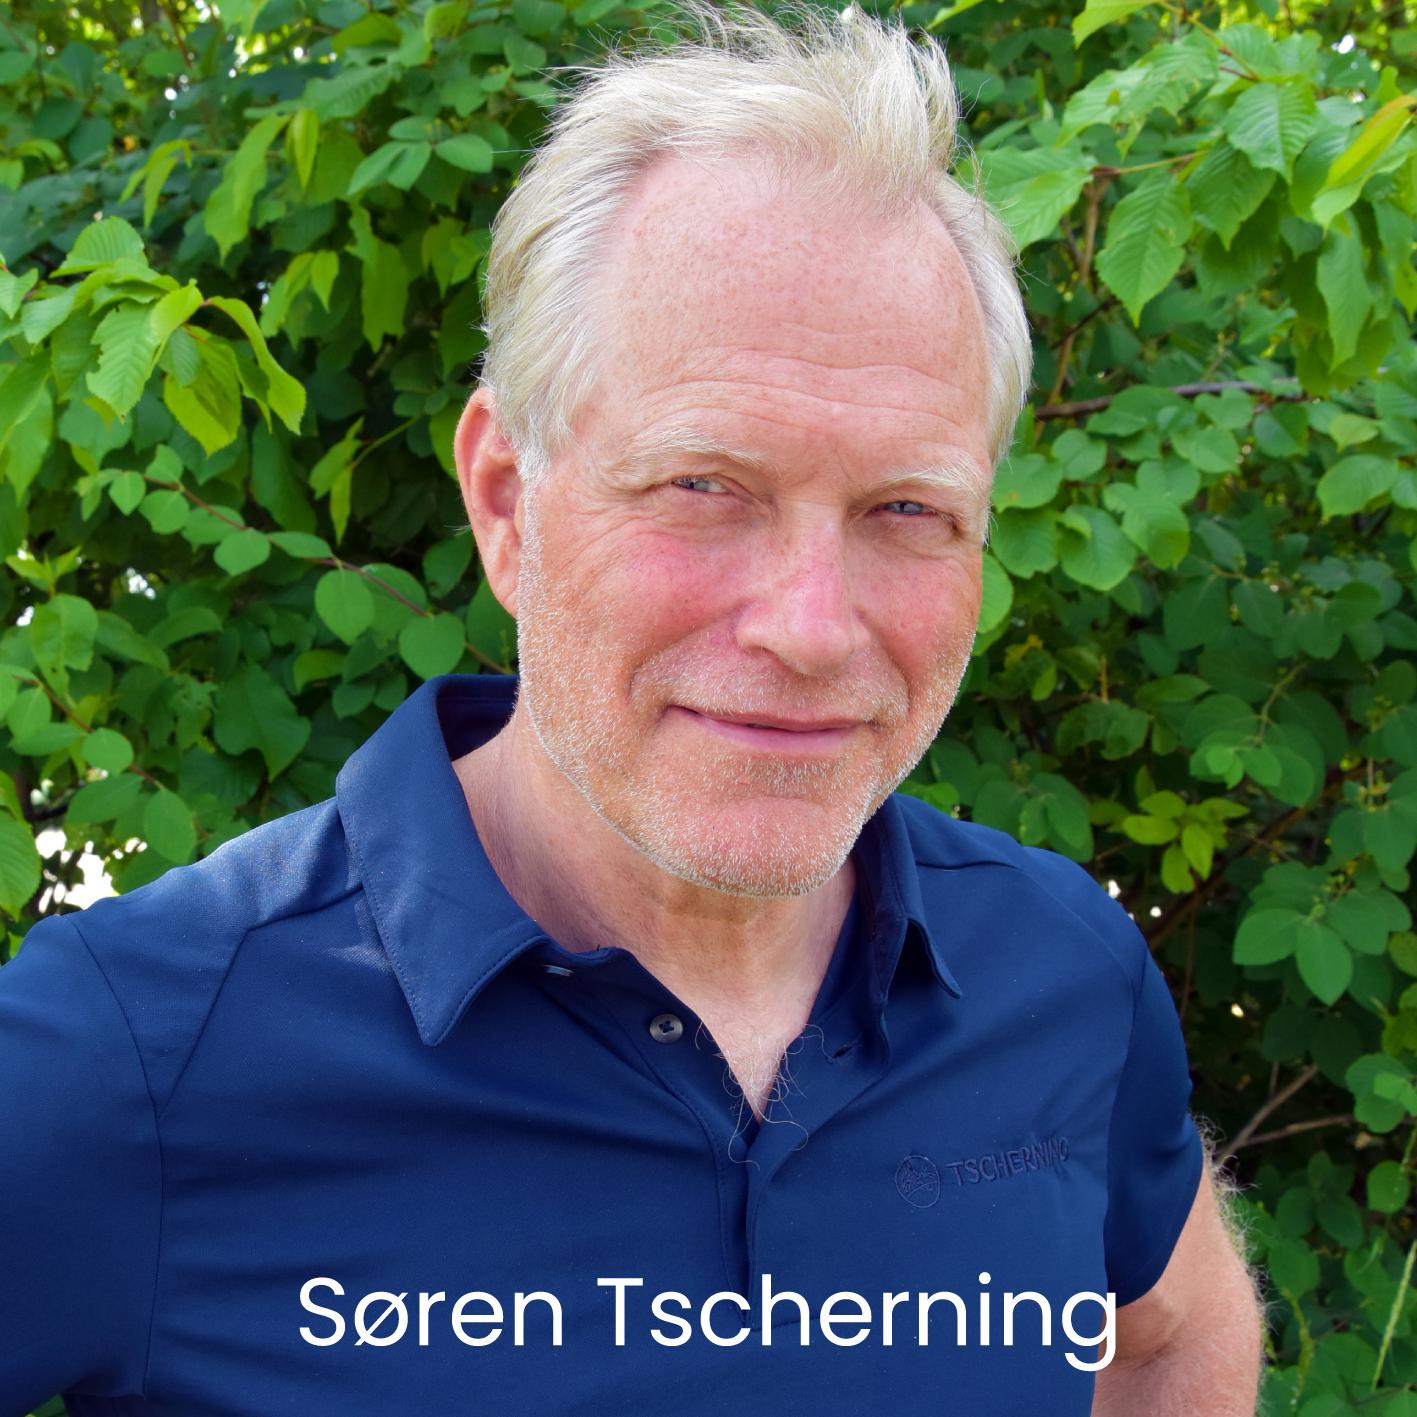 Søren Tscherning